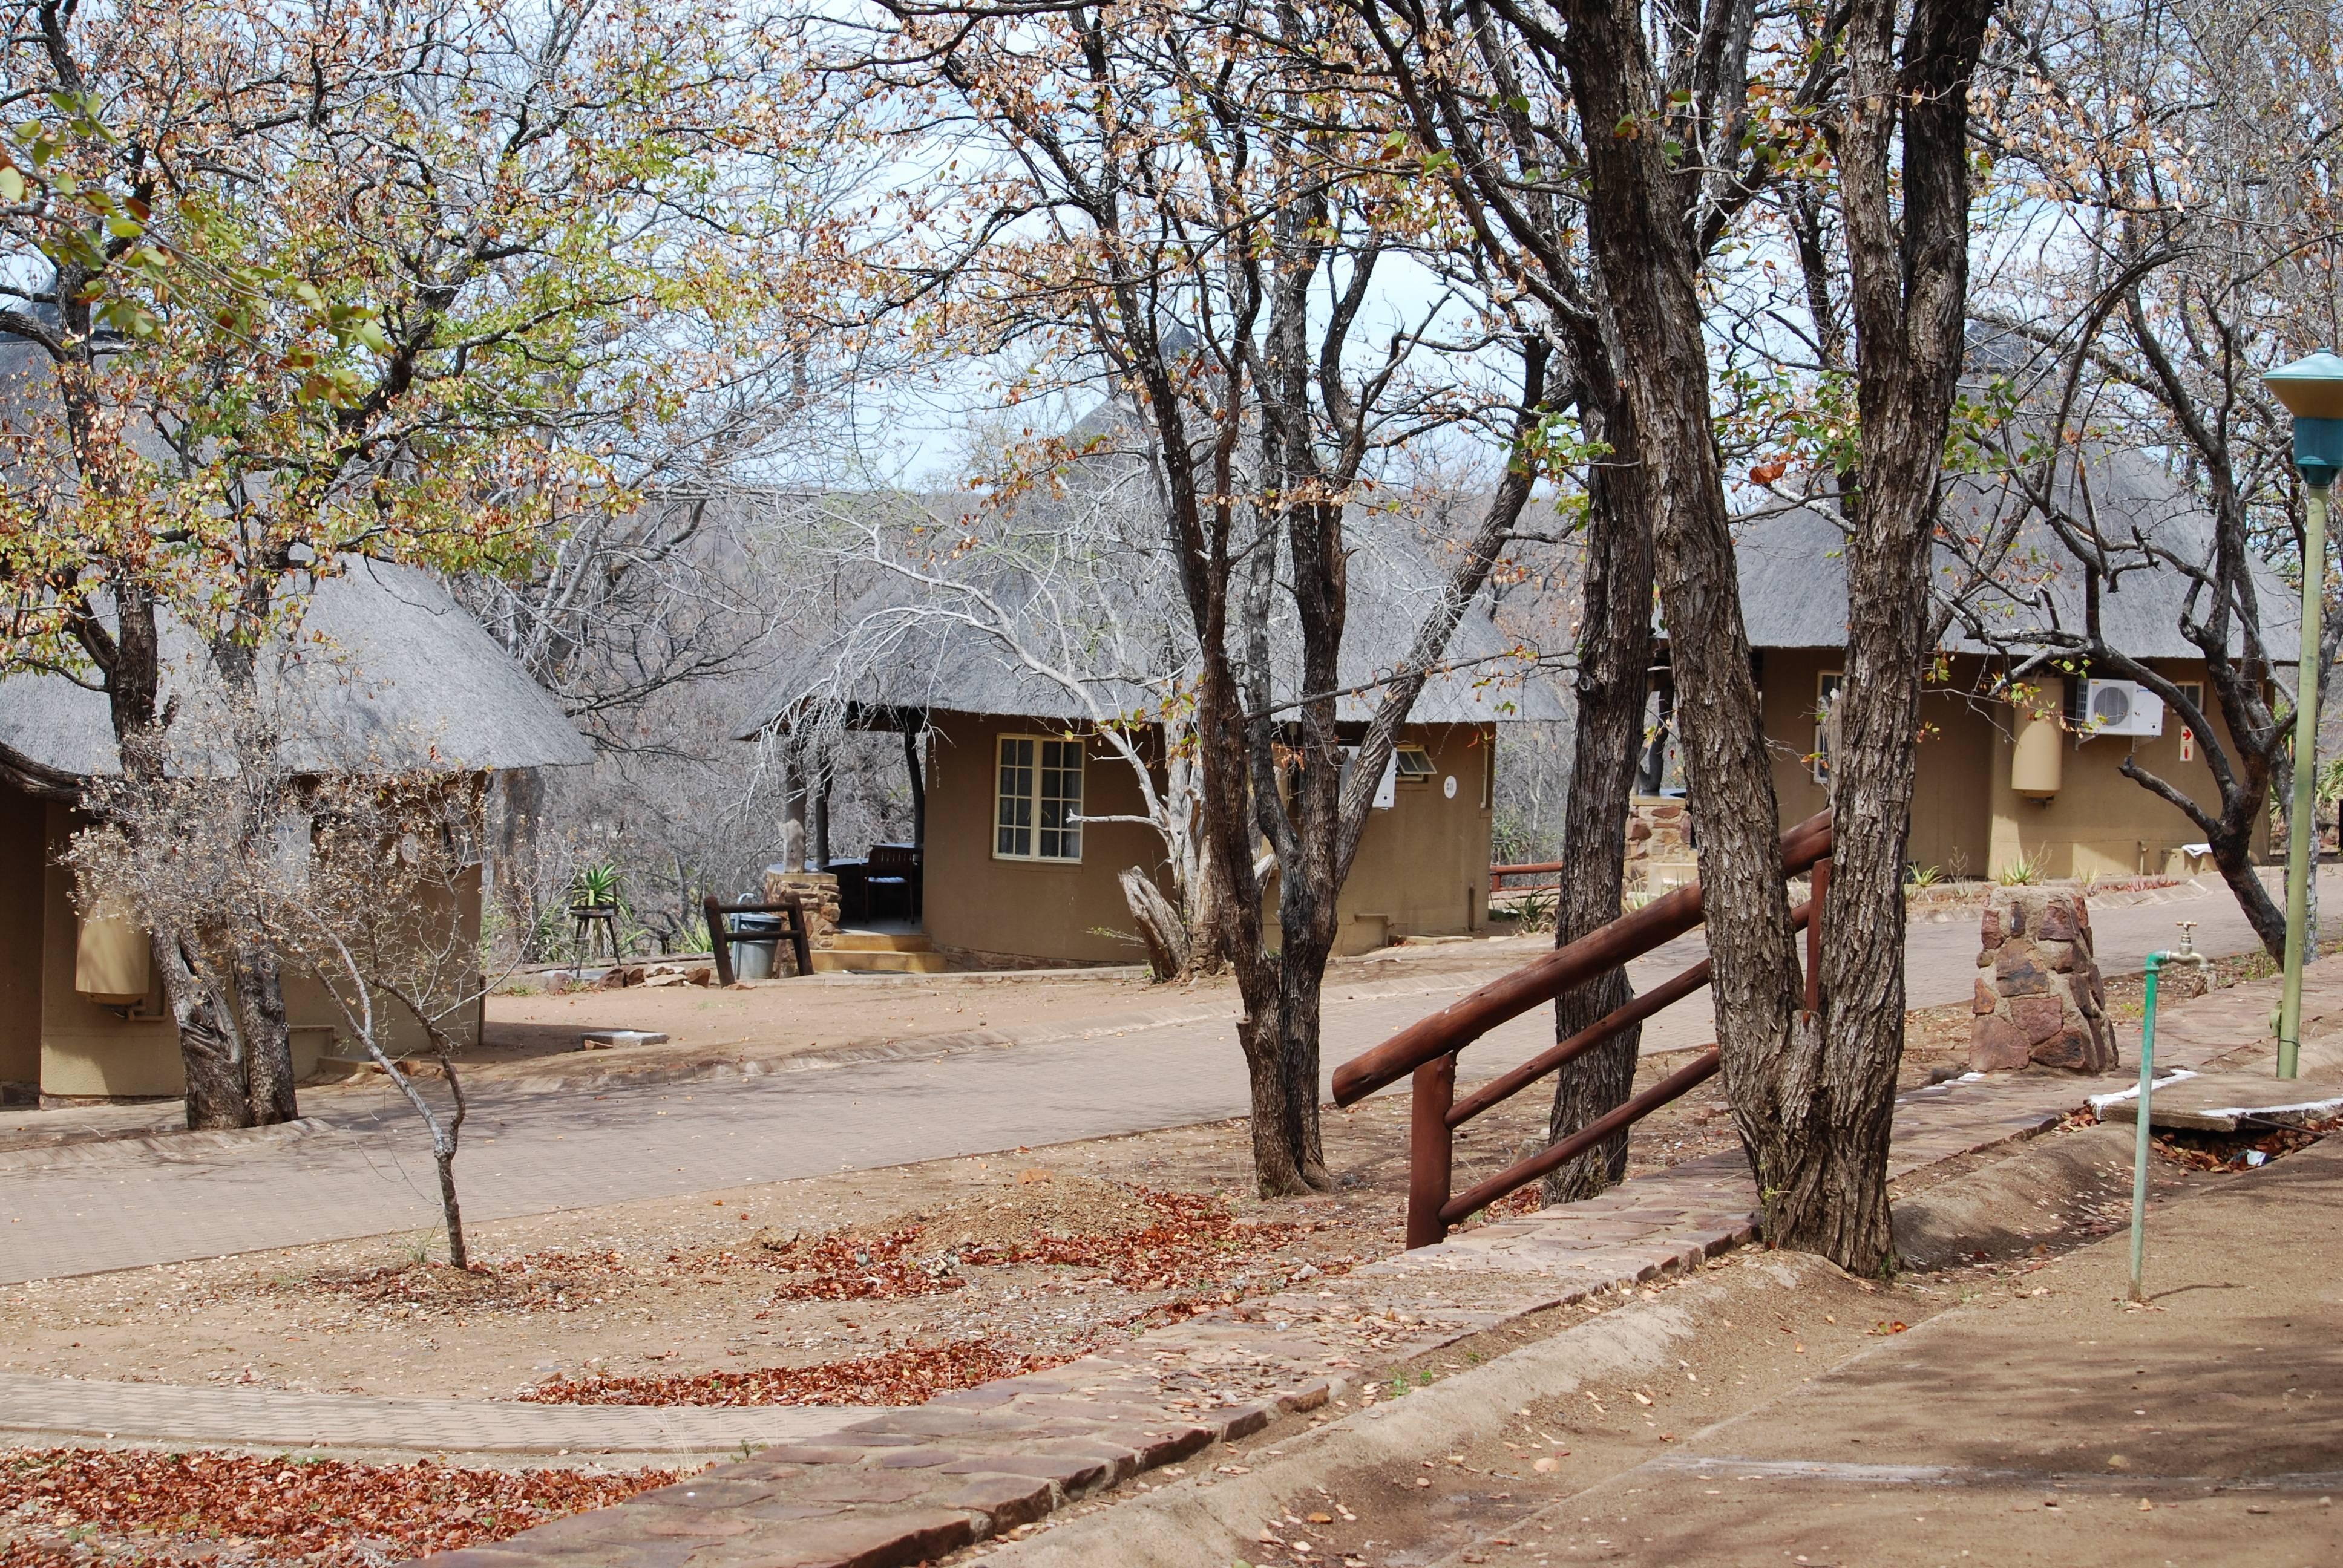 Photo 3: Olifants, un des meilleurs herbergements de Kruger !